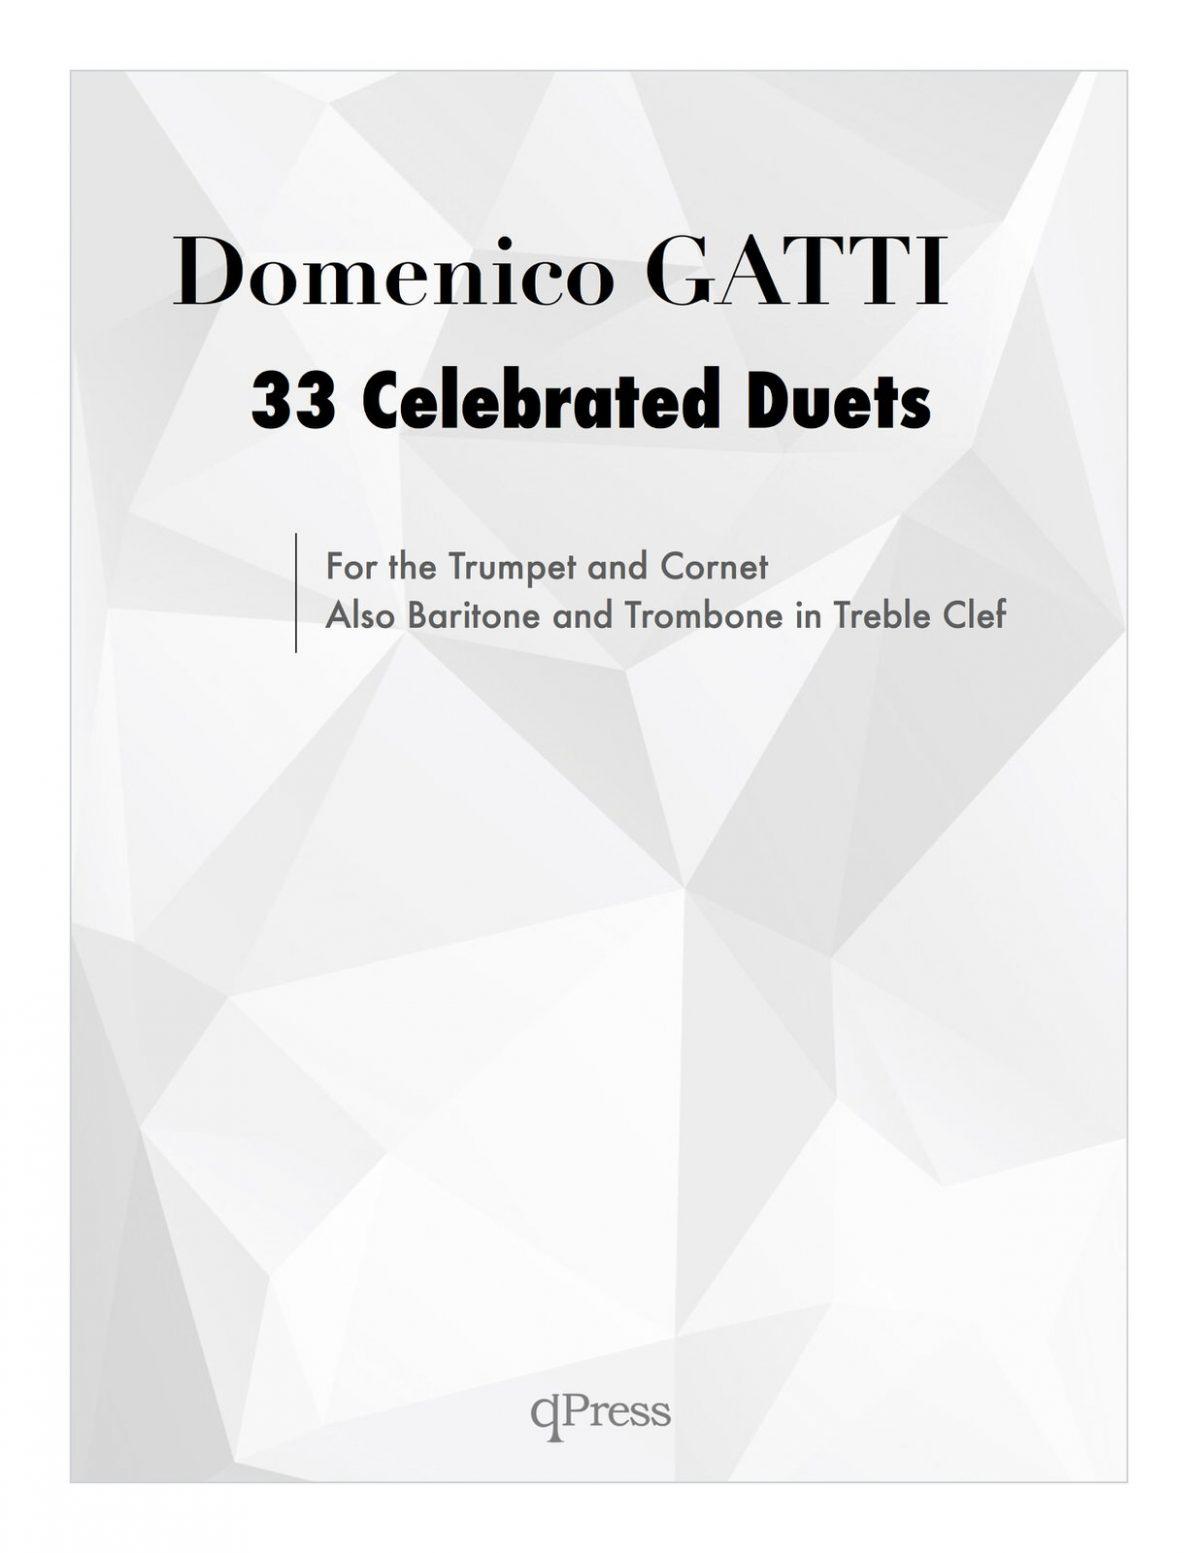 gatti-duets-cover